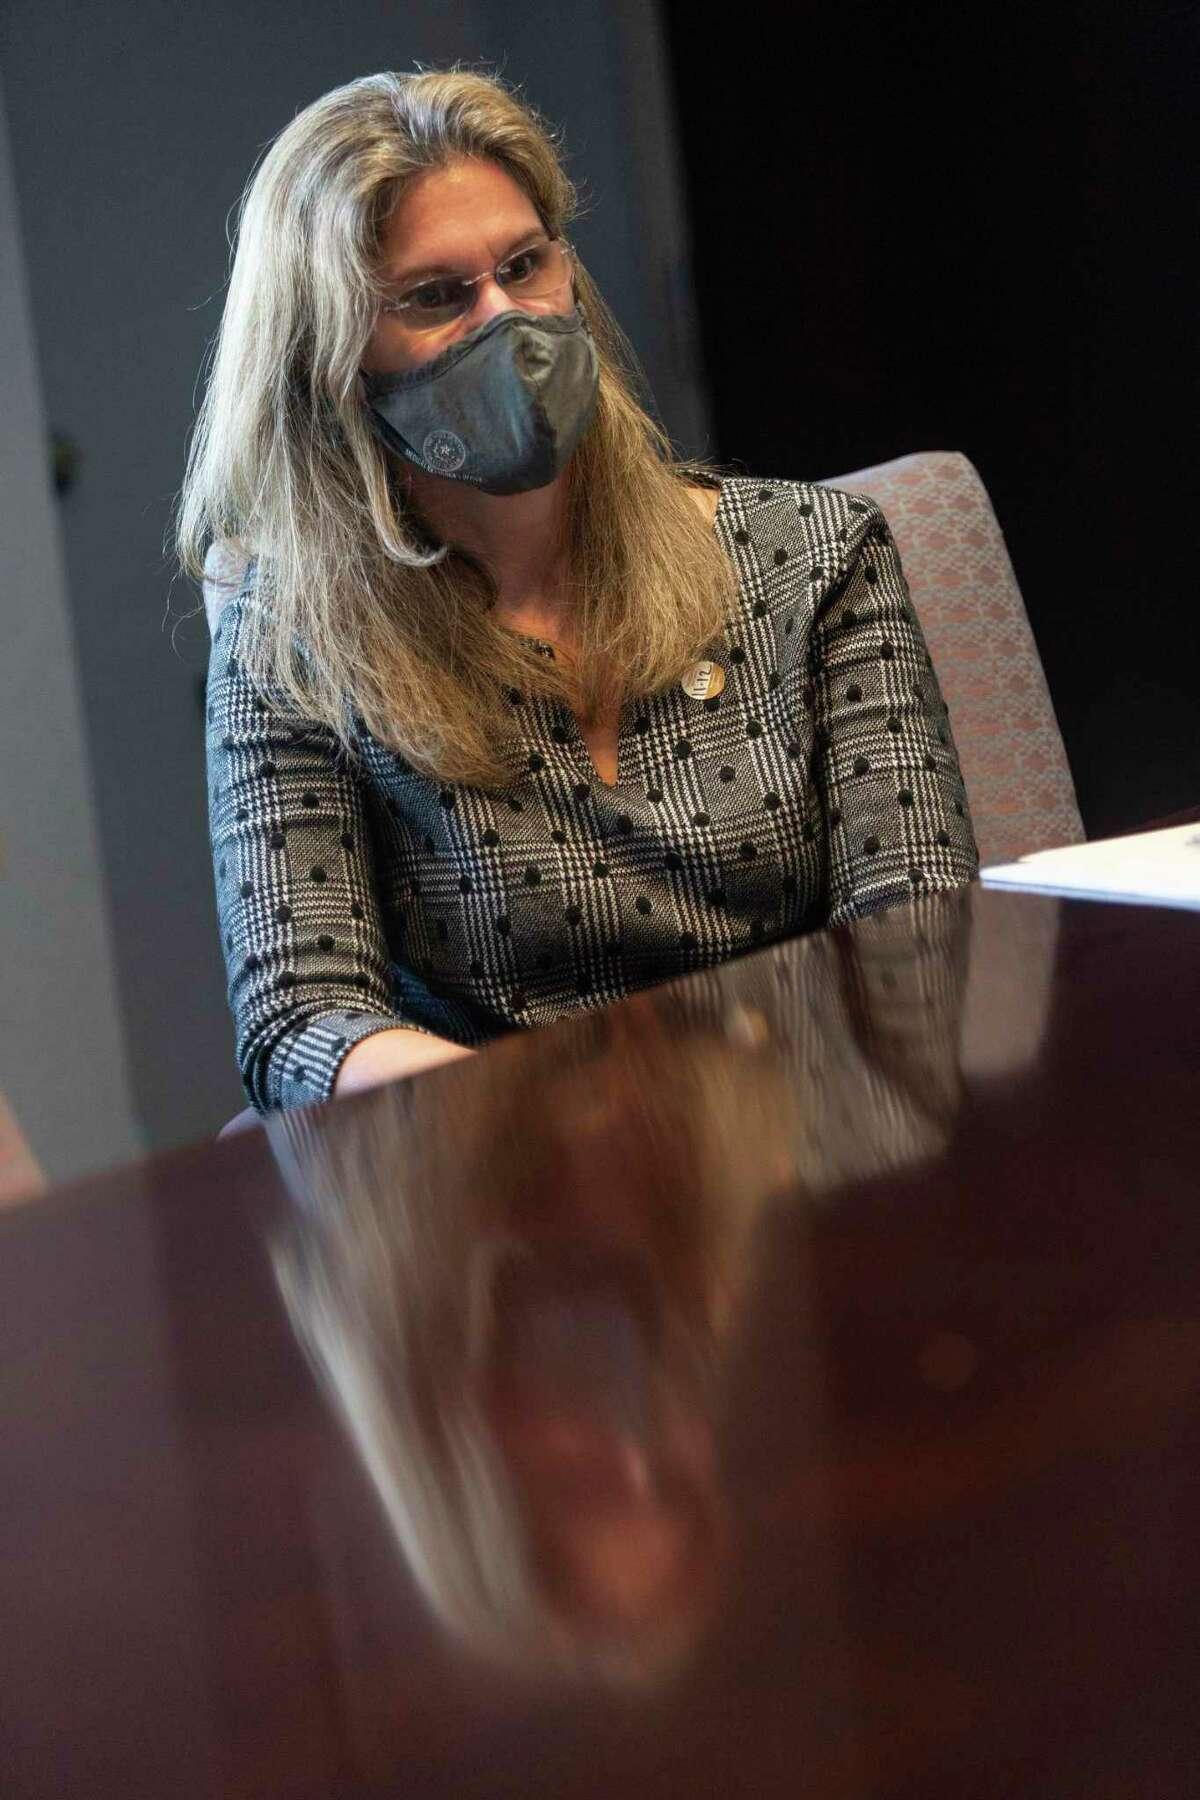 Dr. D. Kimberley Molina, Bexar County's chief medical examiner